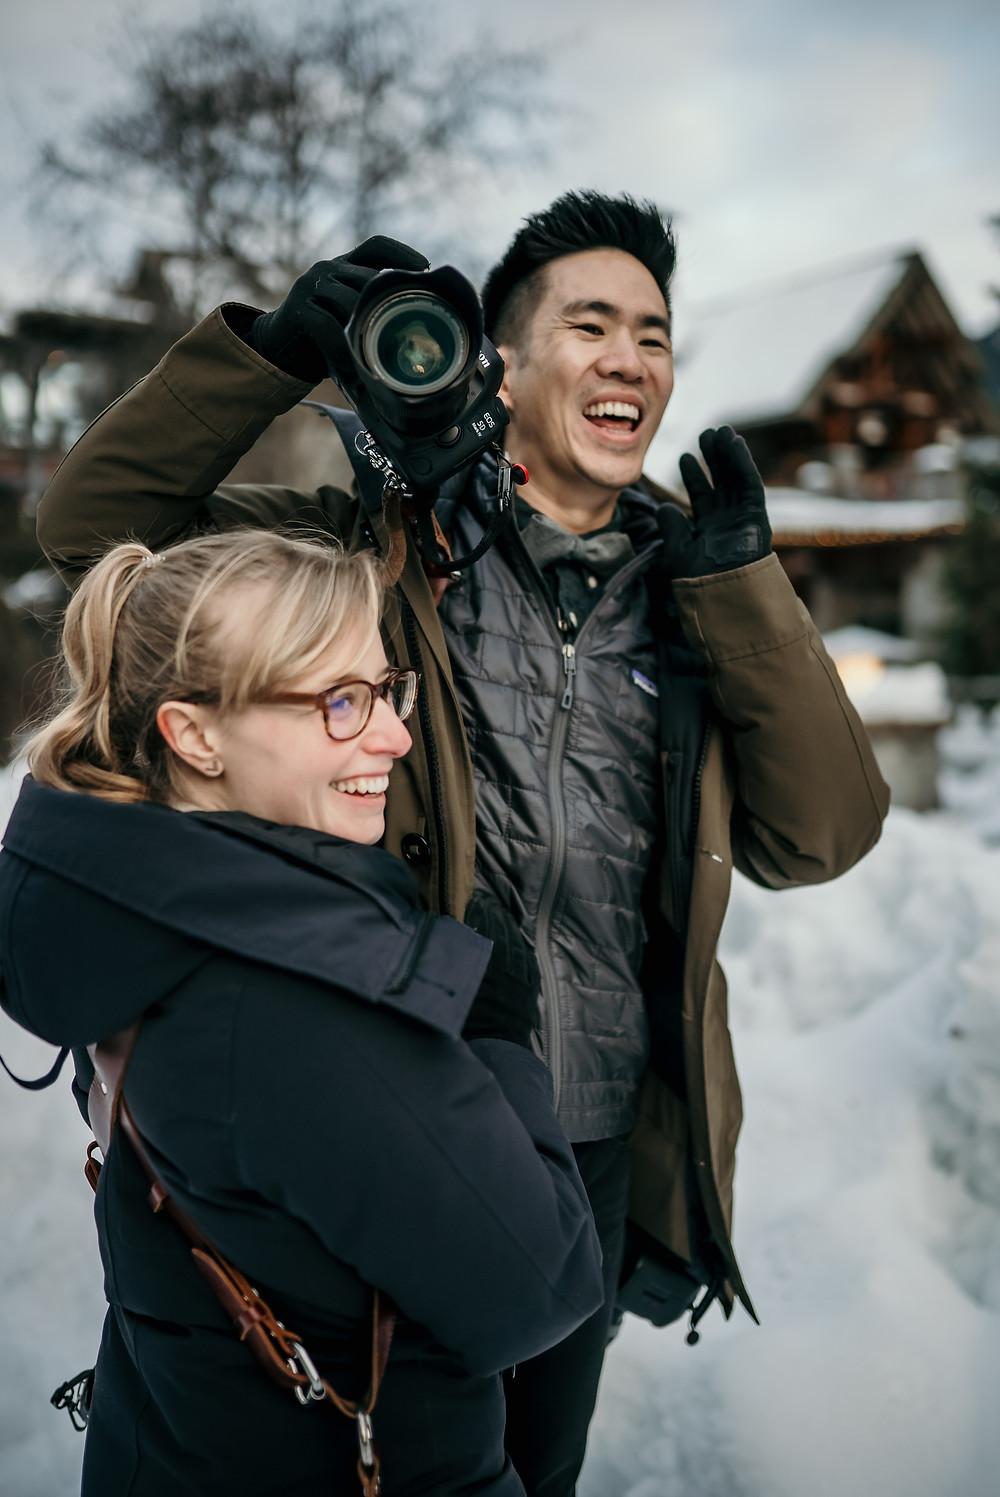 Jeff and Cat in action taking wedding photos couple at Nita Lake Lodge Whistler